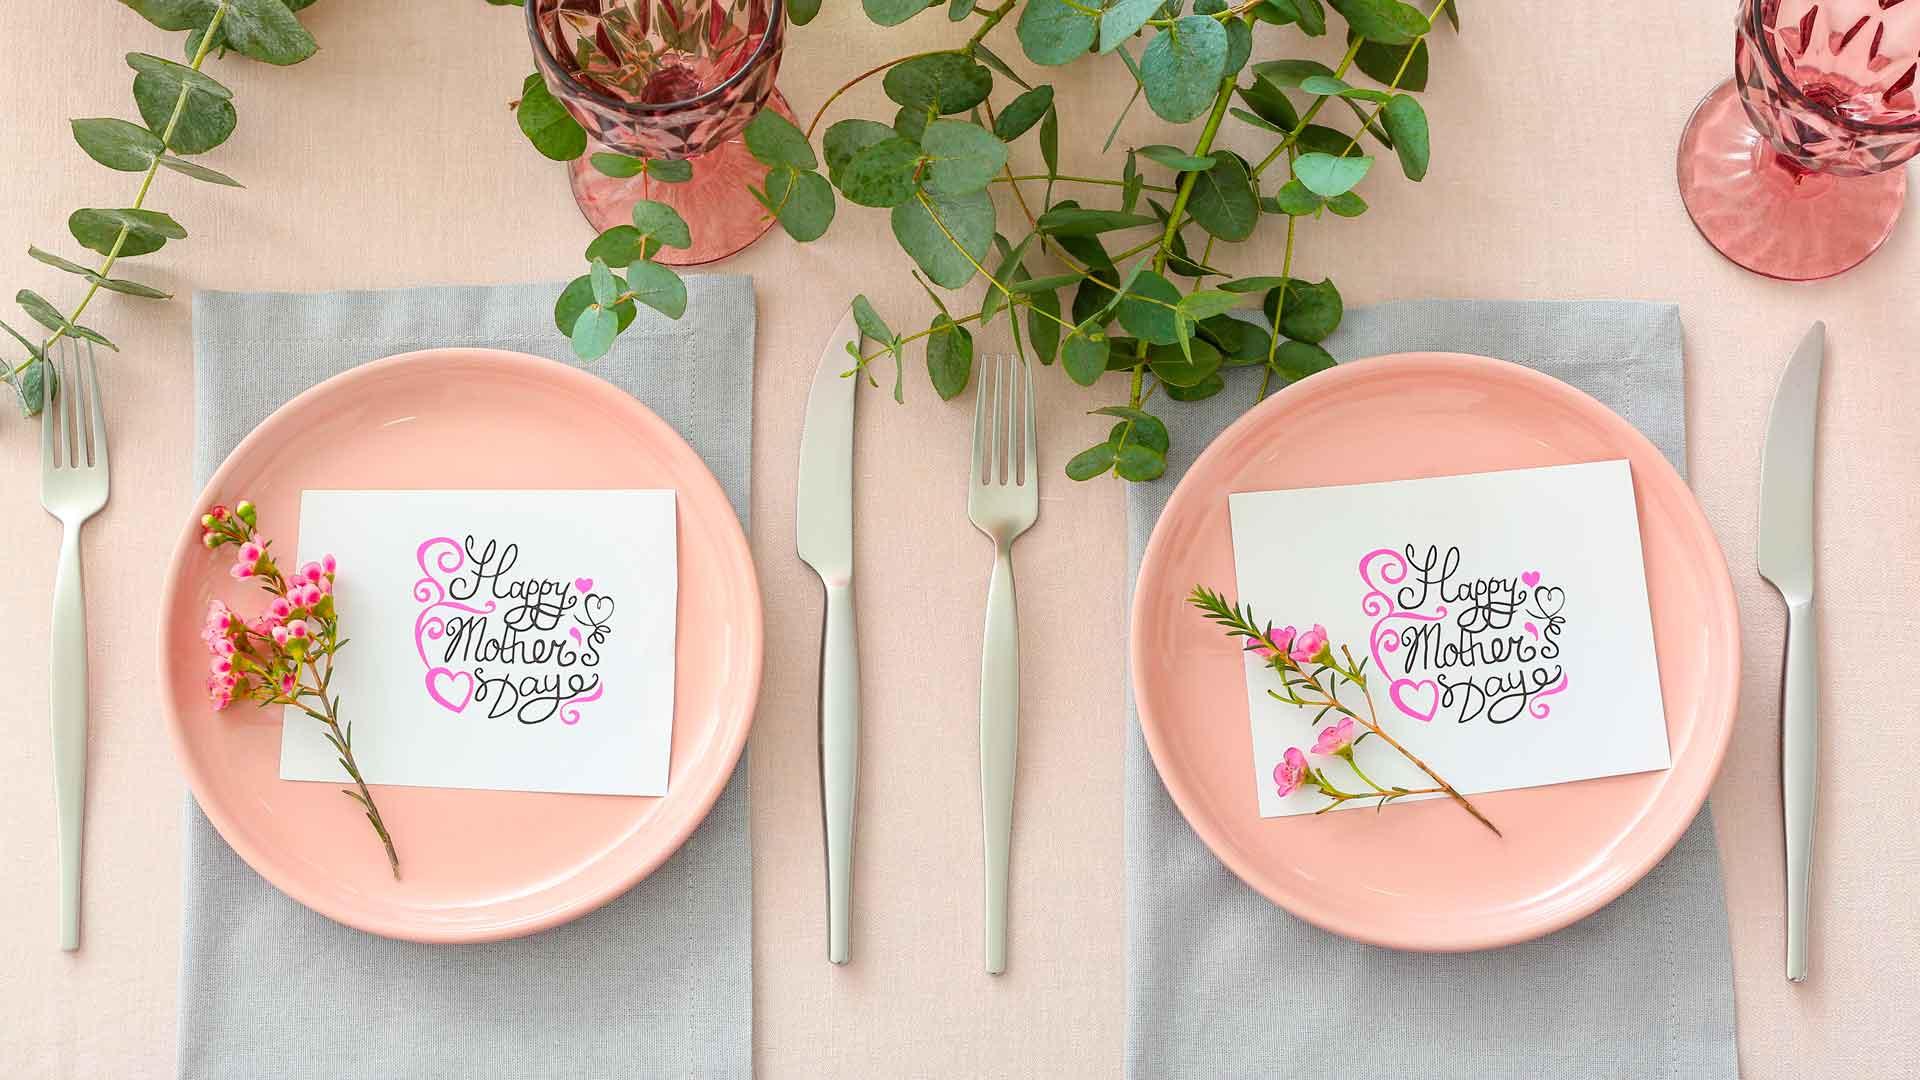 Celebra el Día de las Madres: menús y paquetes especiales para llevar